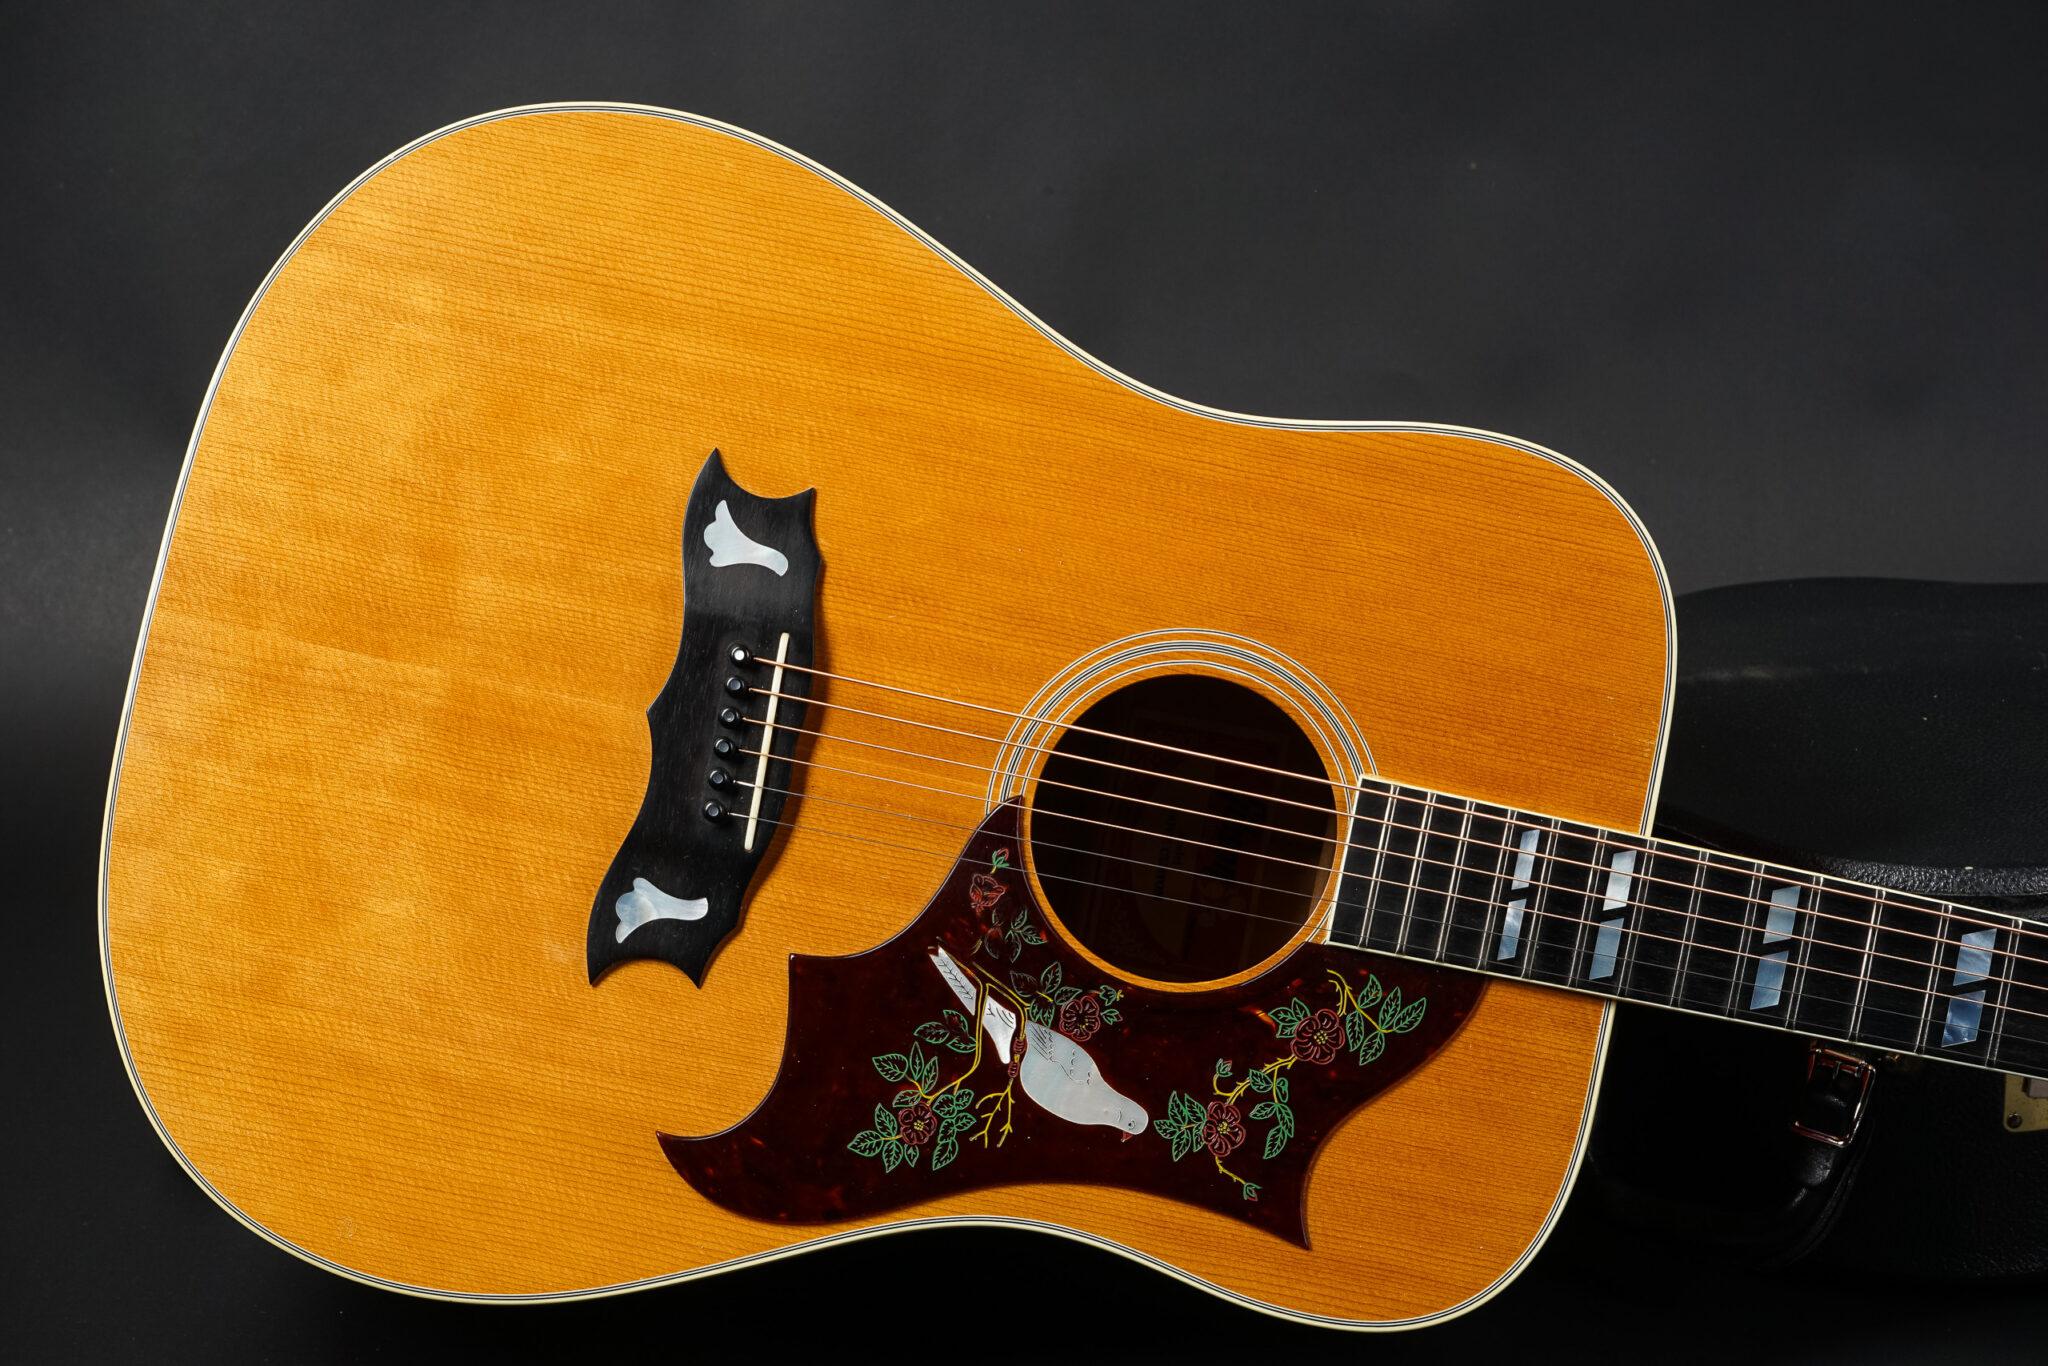 https://guitarpoint.de/app/uploads/products/1977-gibson-dove-custom-natural/1977-Gibson-Dove-Custom-Natural-73017061-8-2048x1366.jpg